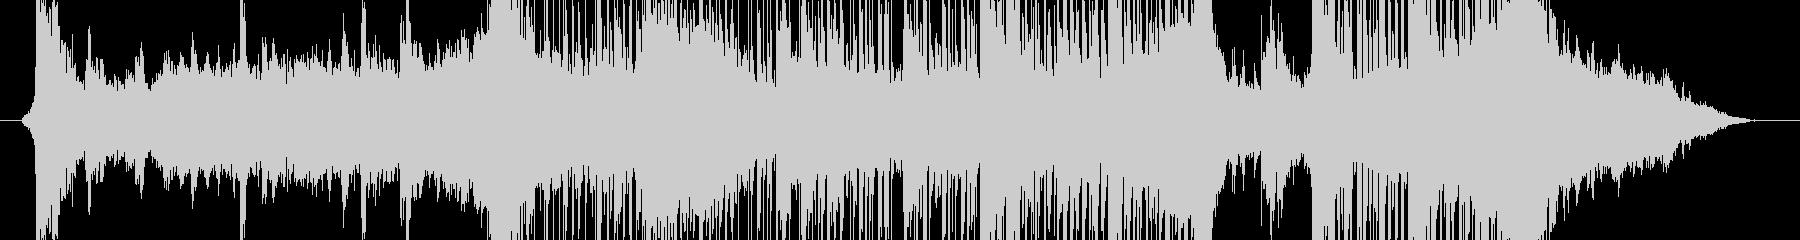 SF的な大きな物体の登場音楽の未再生の波形